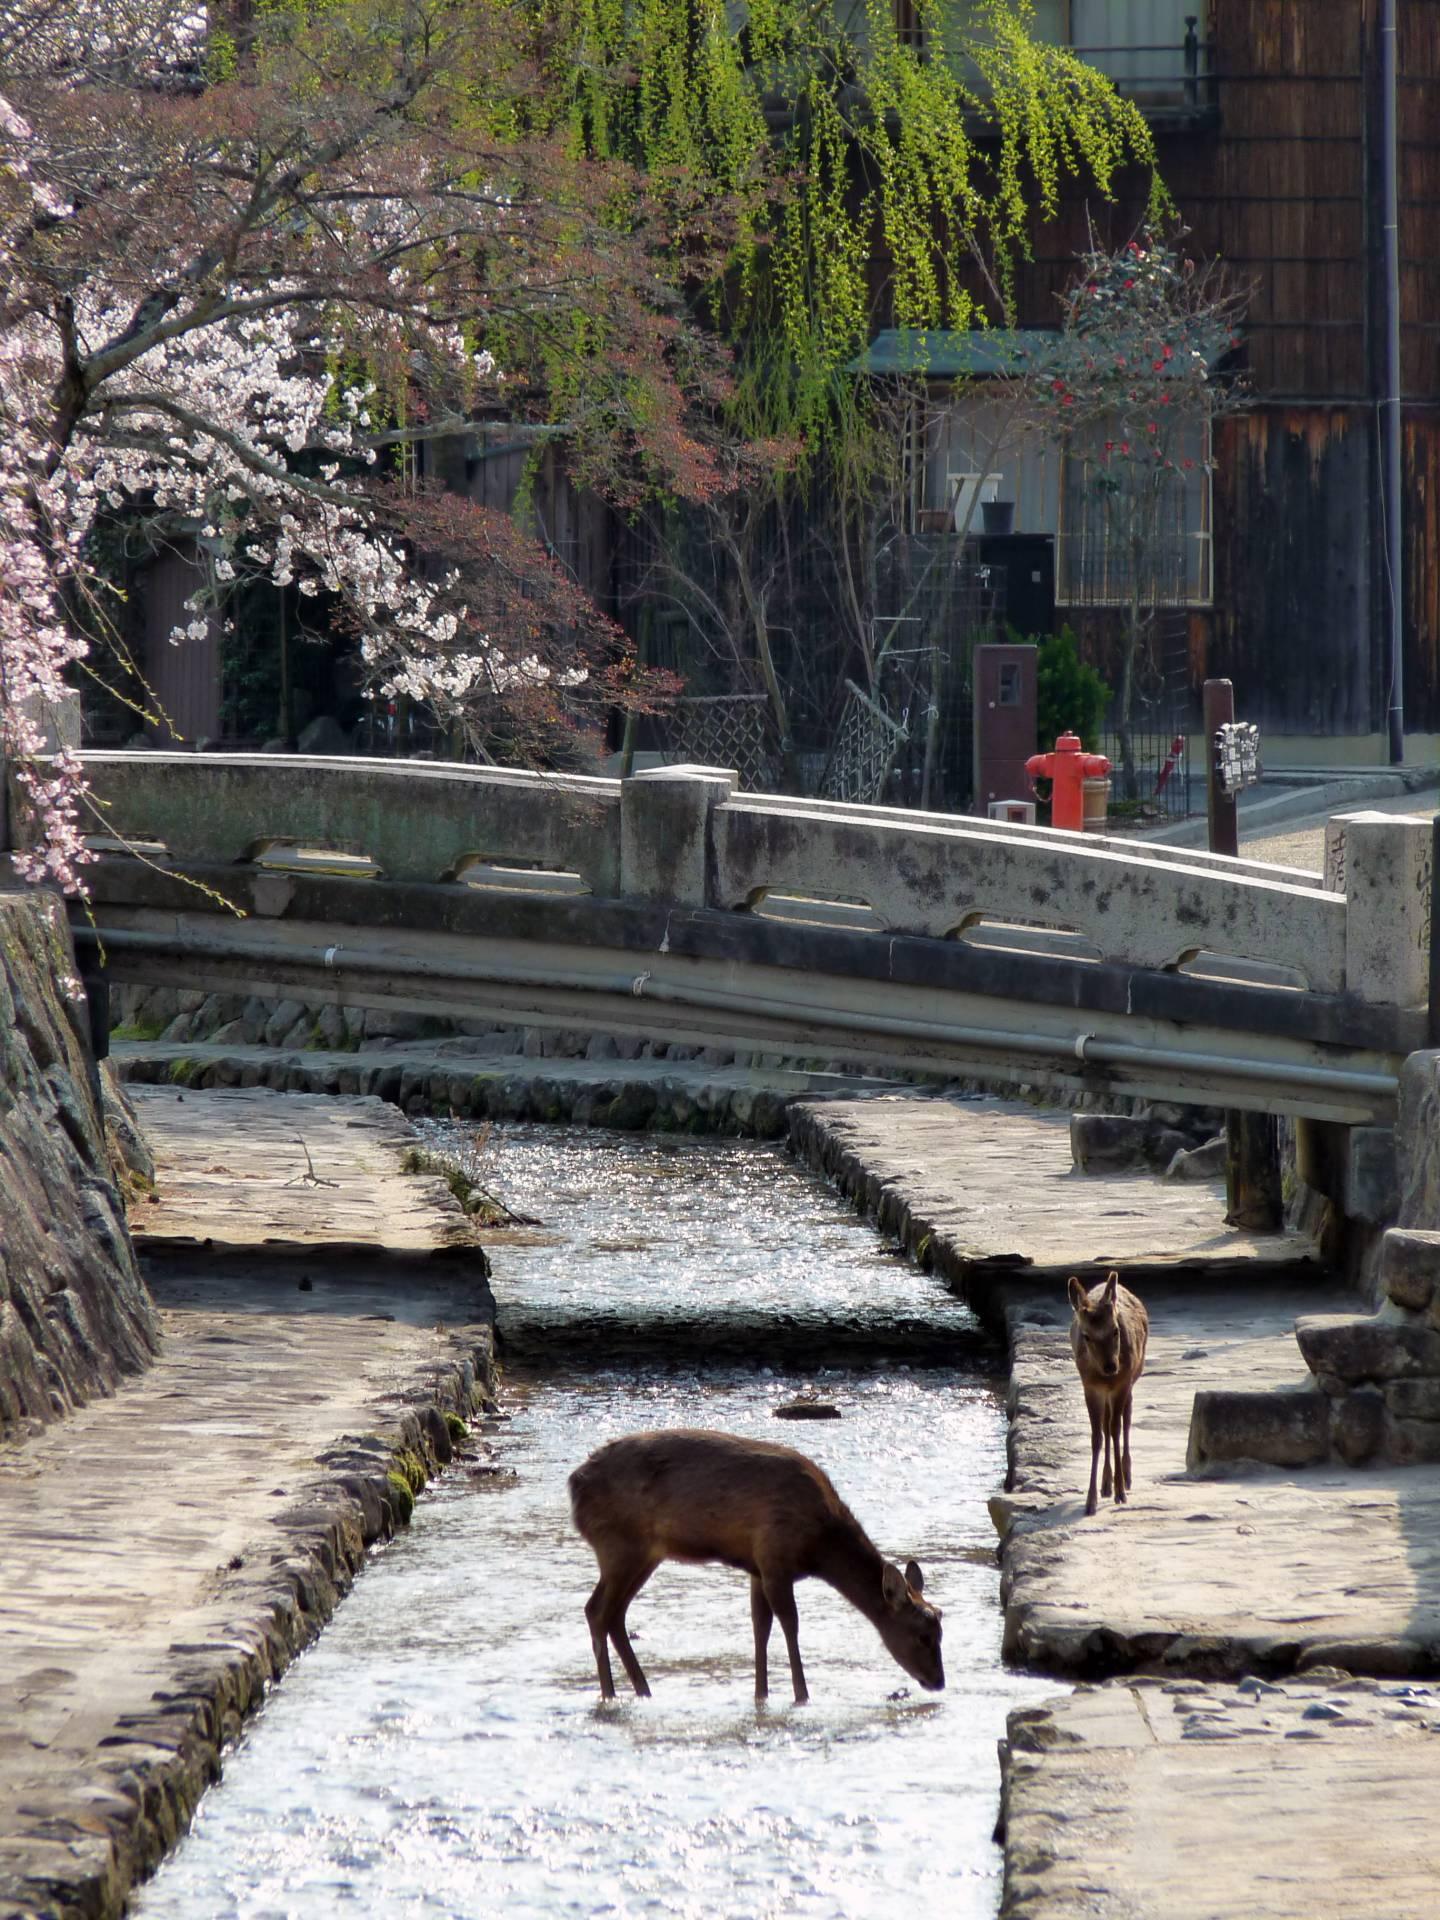 Rehe miyajima